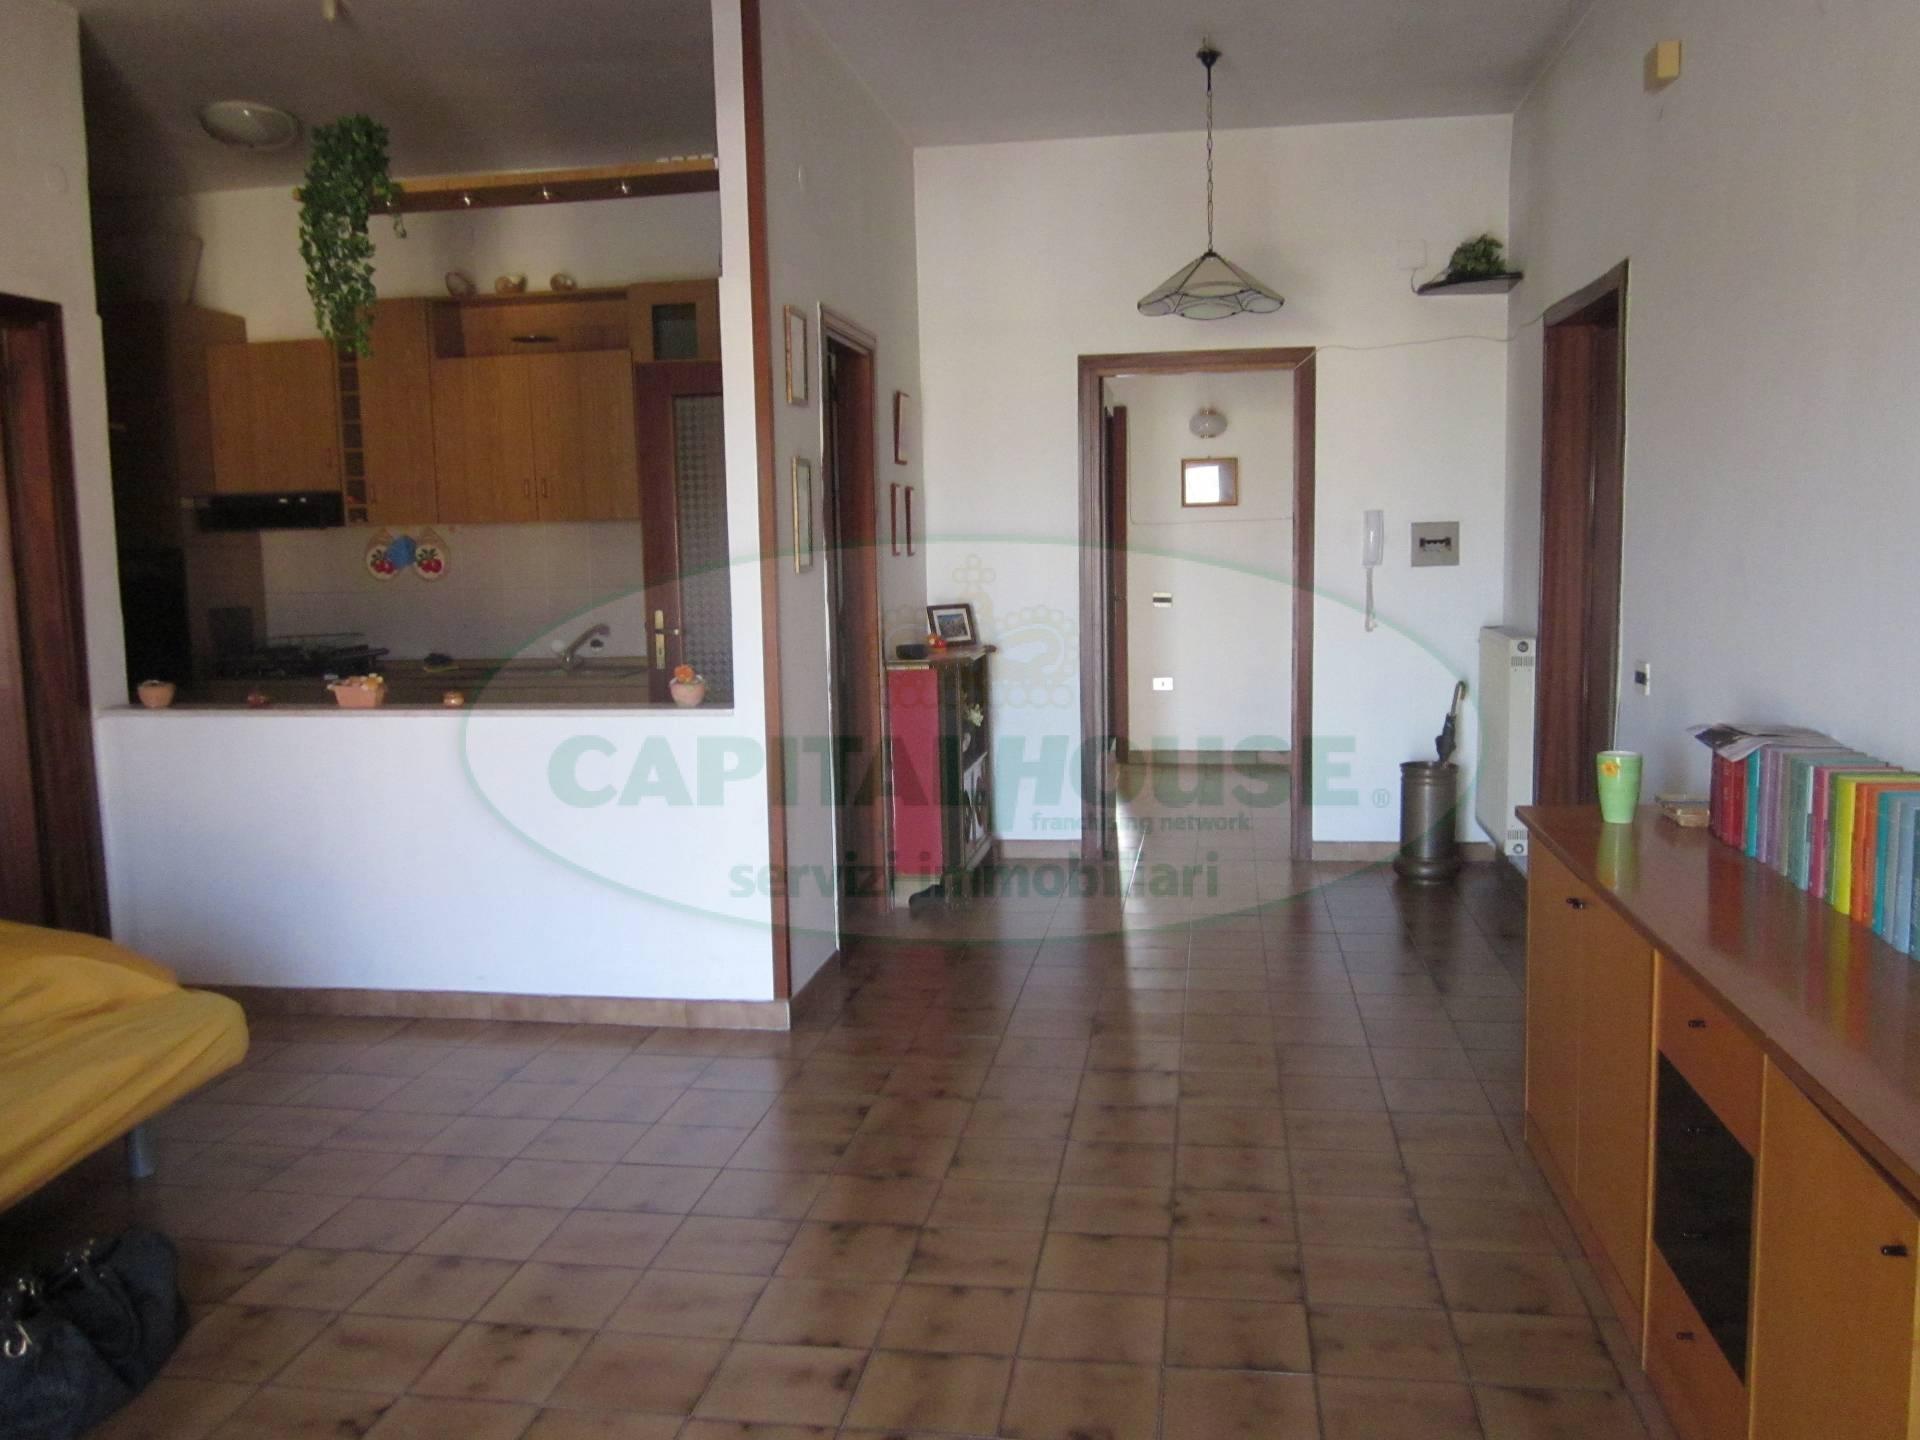 Appartamento in affitto a San Nicola la Strada, 3 locali, zona Località: LargoRotonda, prezzo € 400 | CambioCasa.it